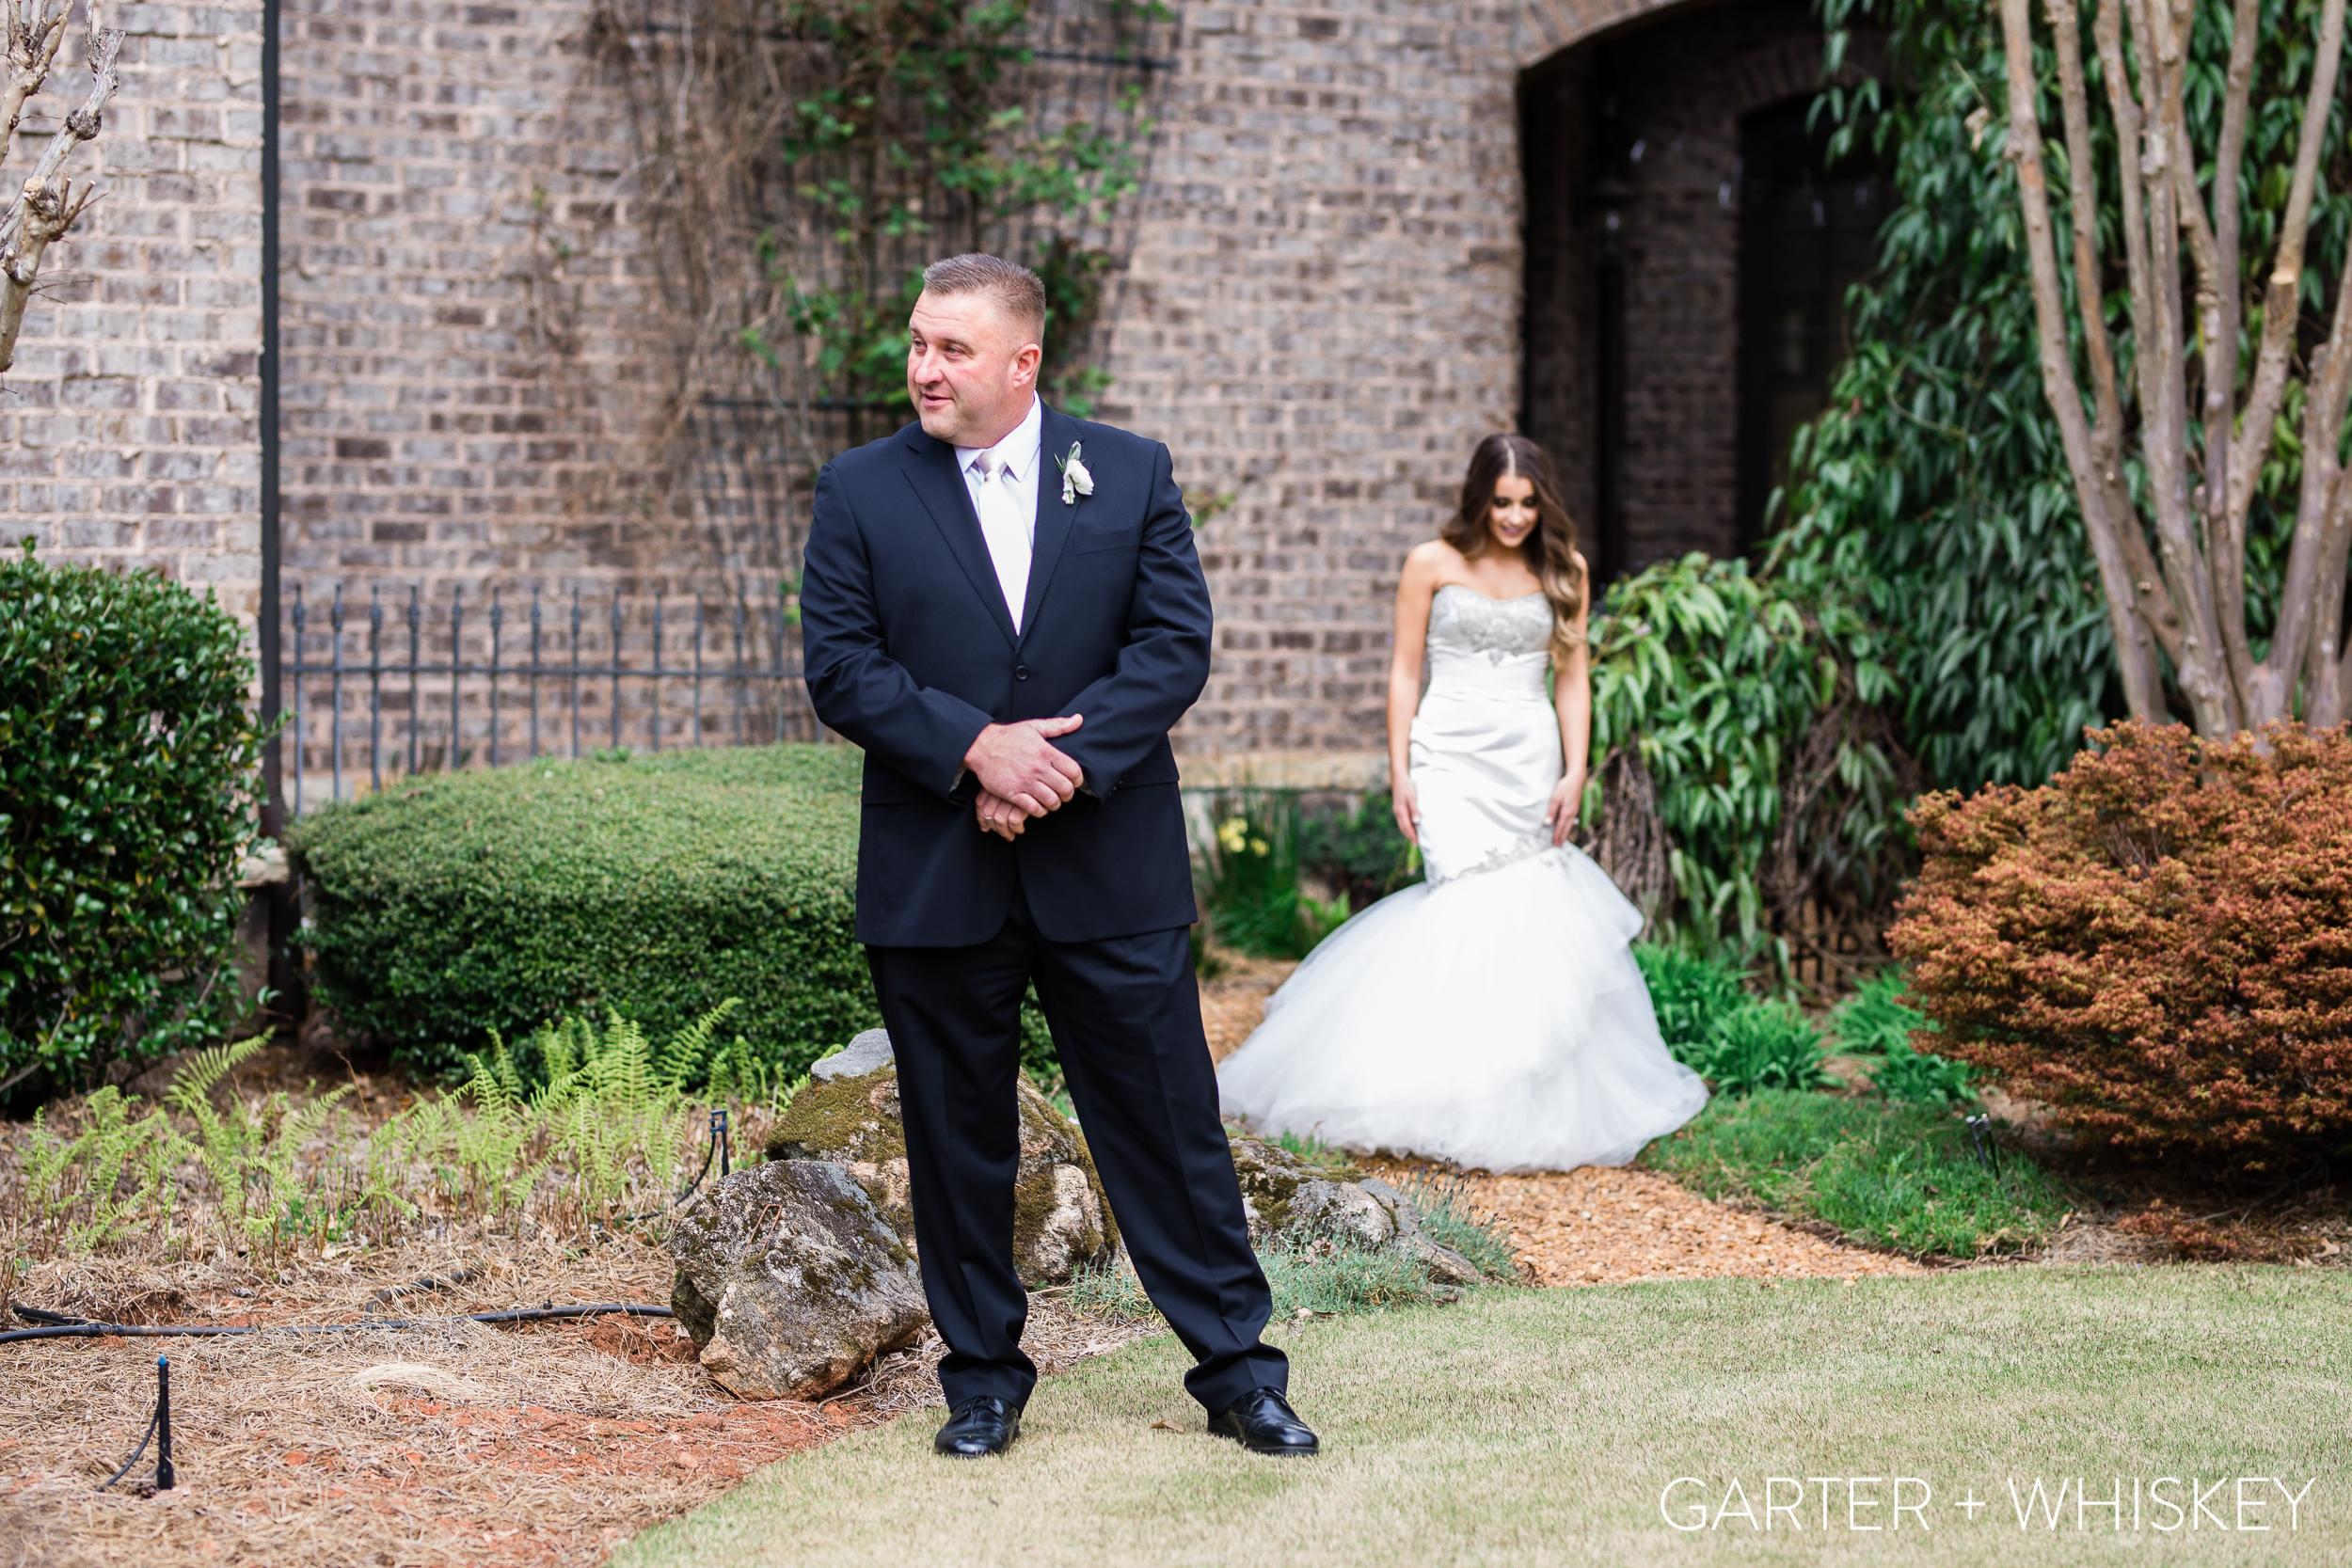 GY5A1293Laskey Wedding.jpg